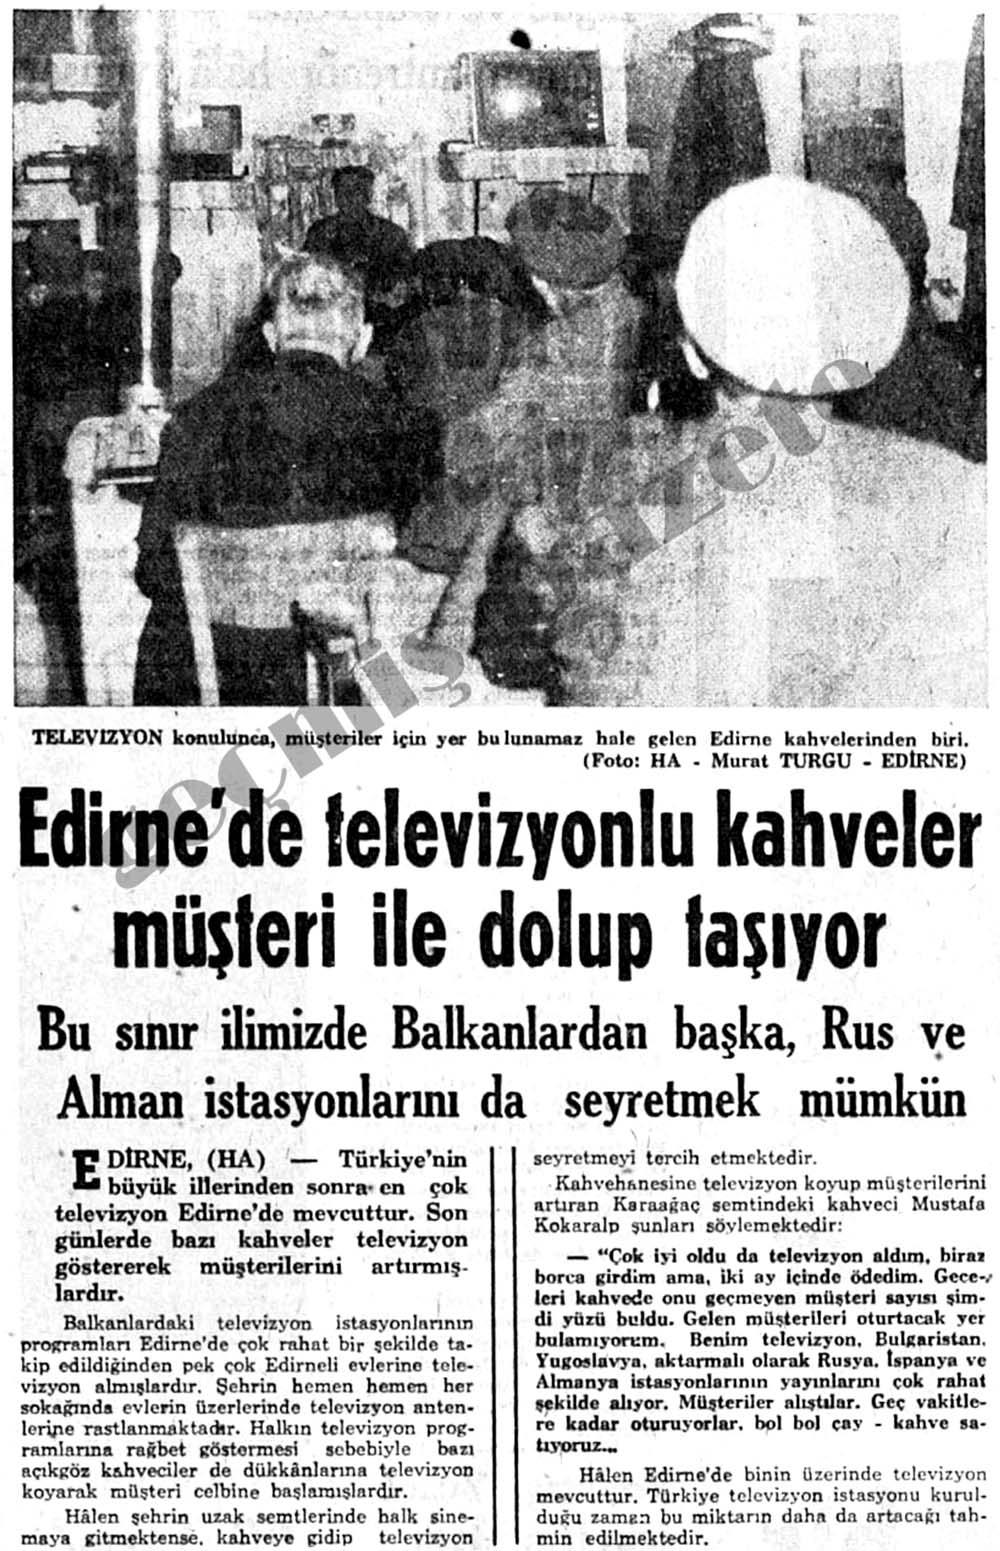 Edirne'de televizyonlu kahveler müşteri ile dolup taşıyor